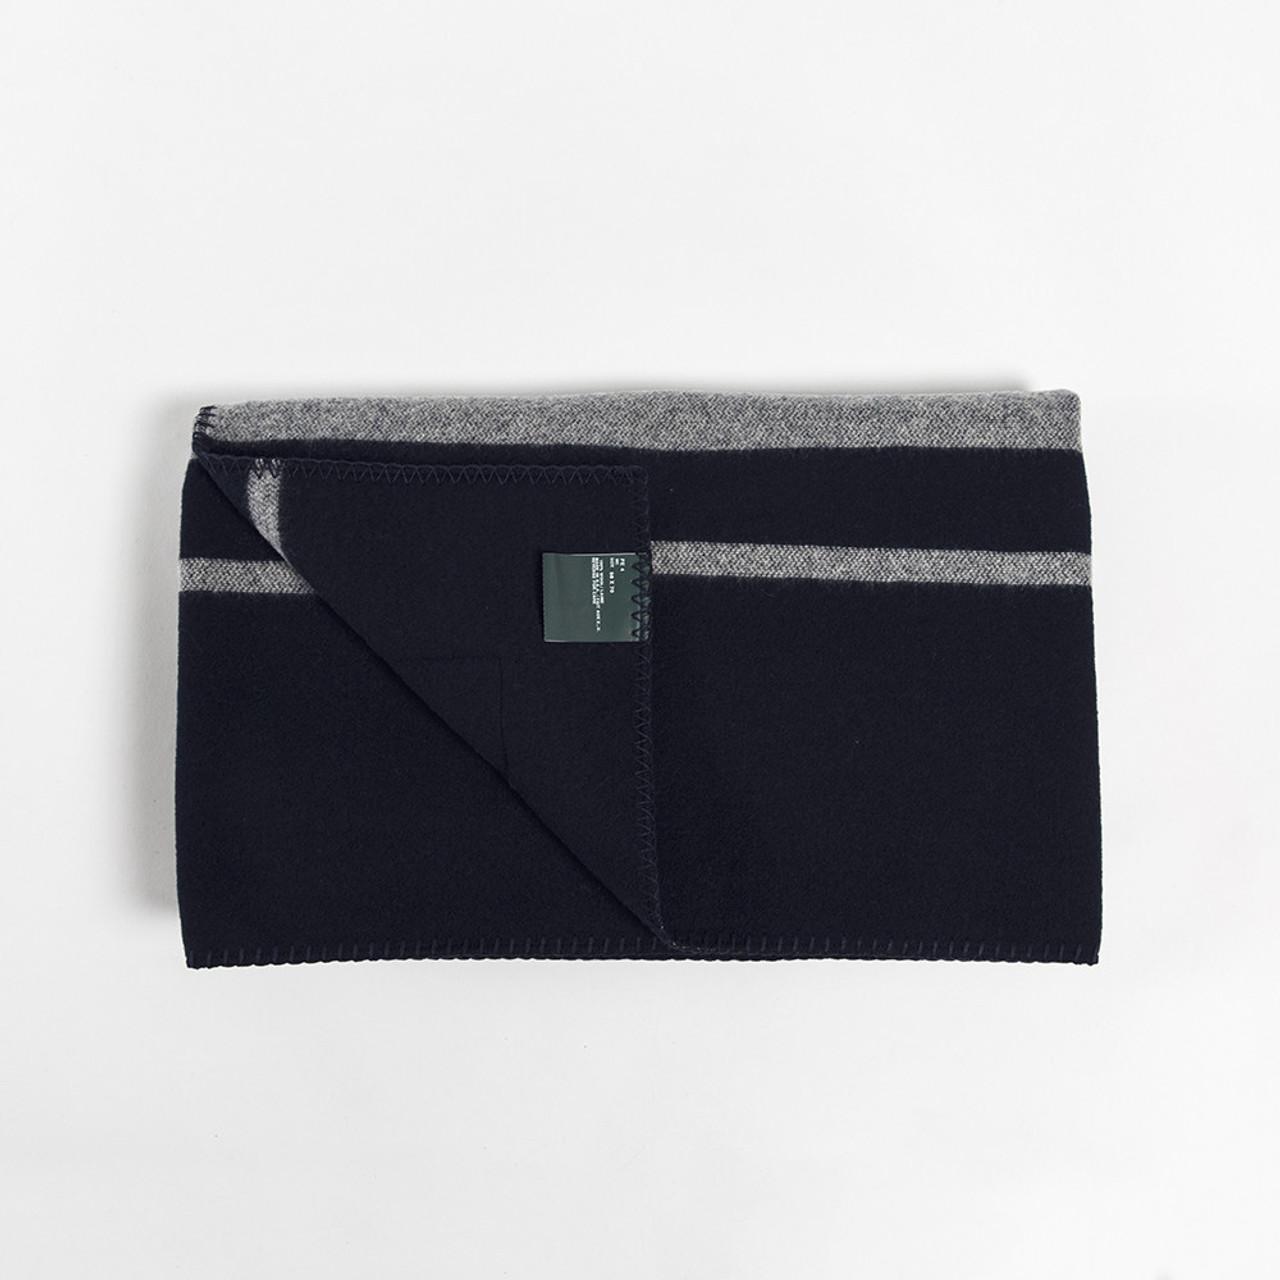 Woolrich Charcoal Stripe Blanket